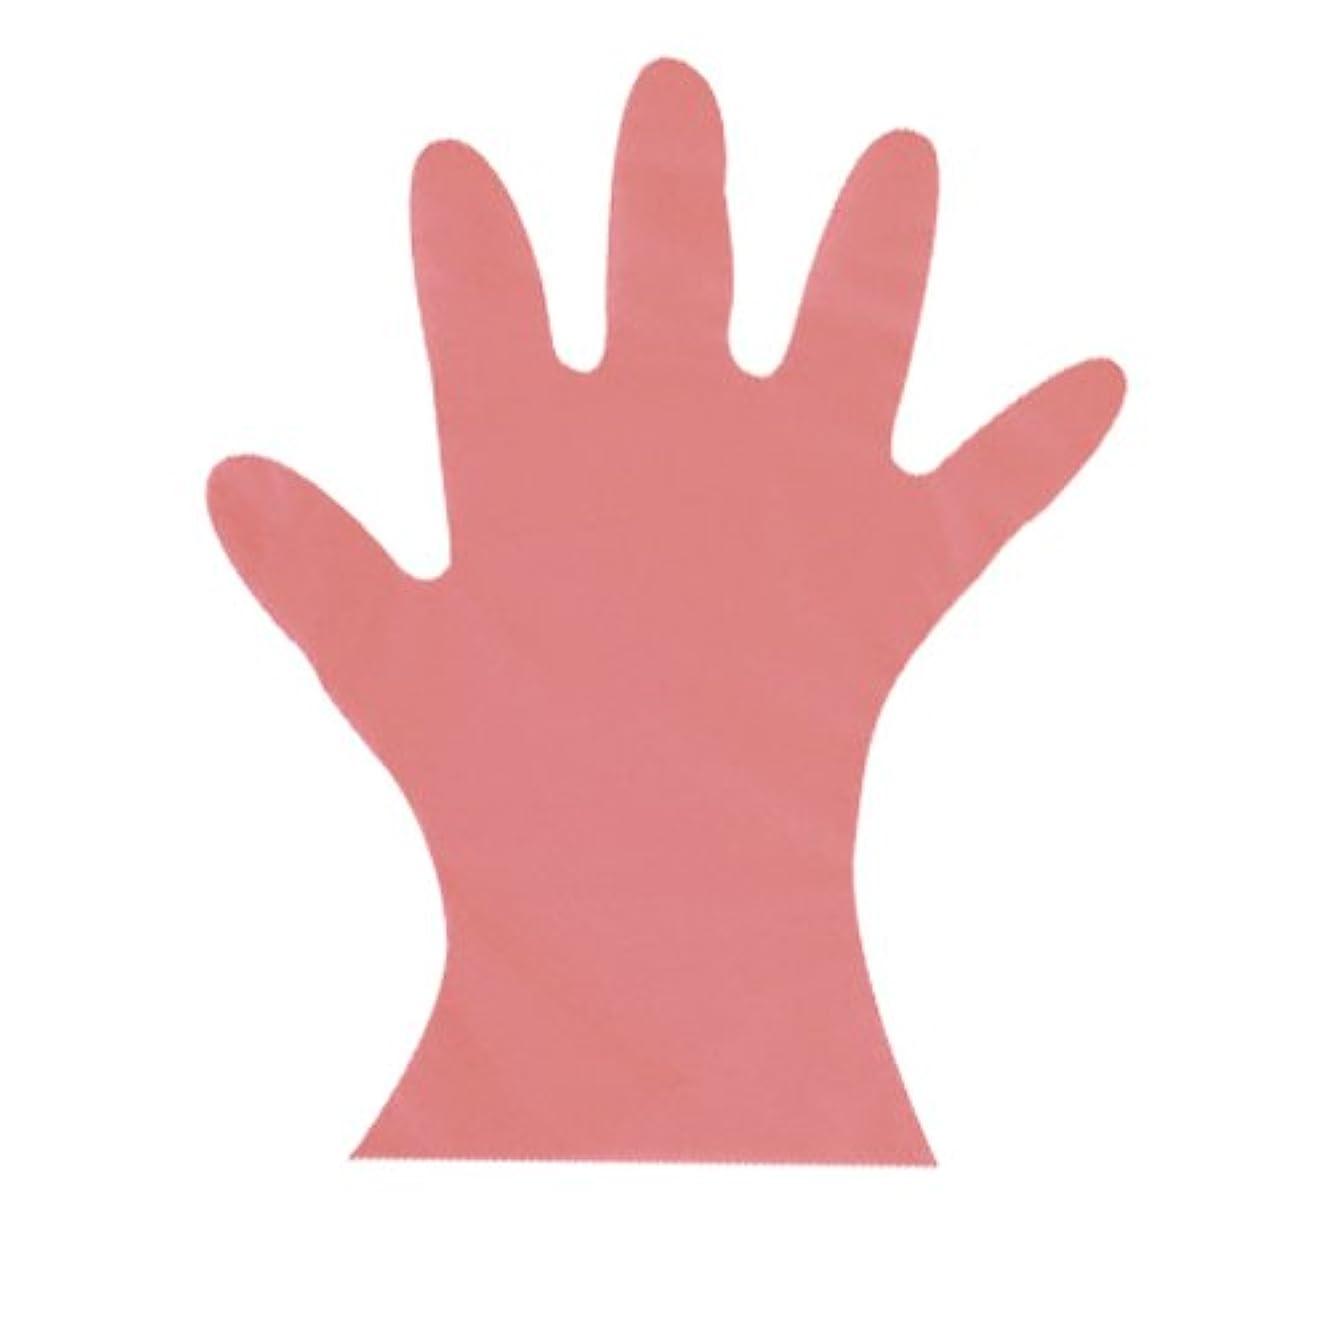 耕す無心説明カラーマイジャストグローブ #28 化粧箱(5本絞り)200枚入 ピンク M 27μ